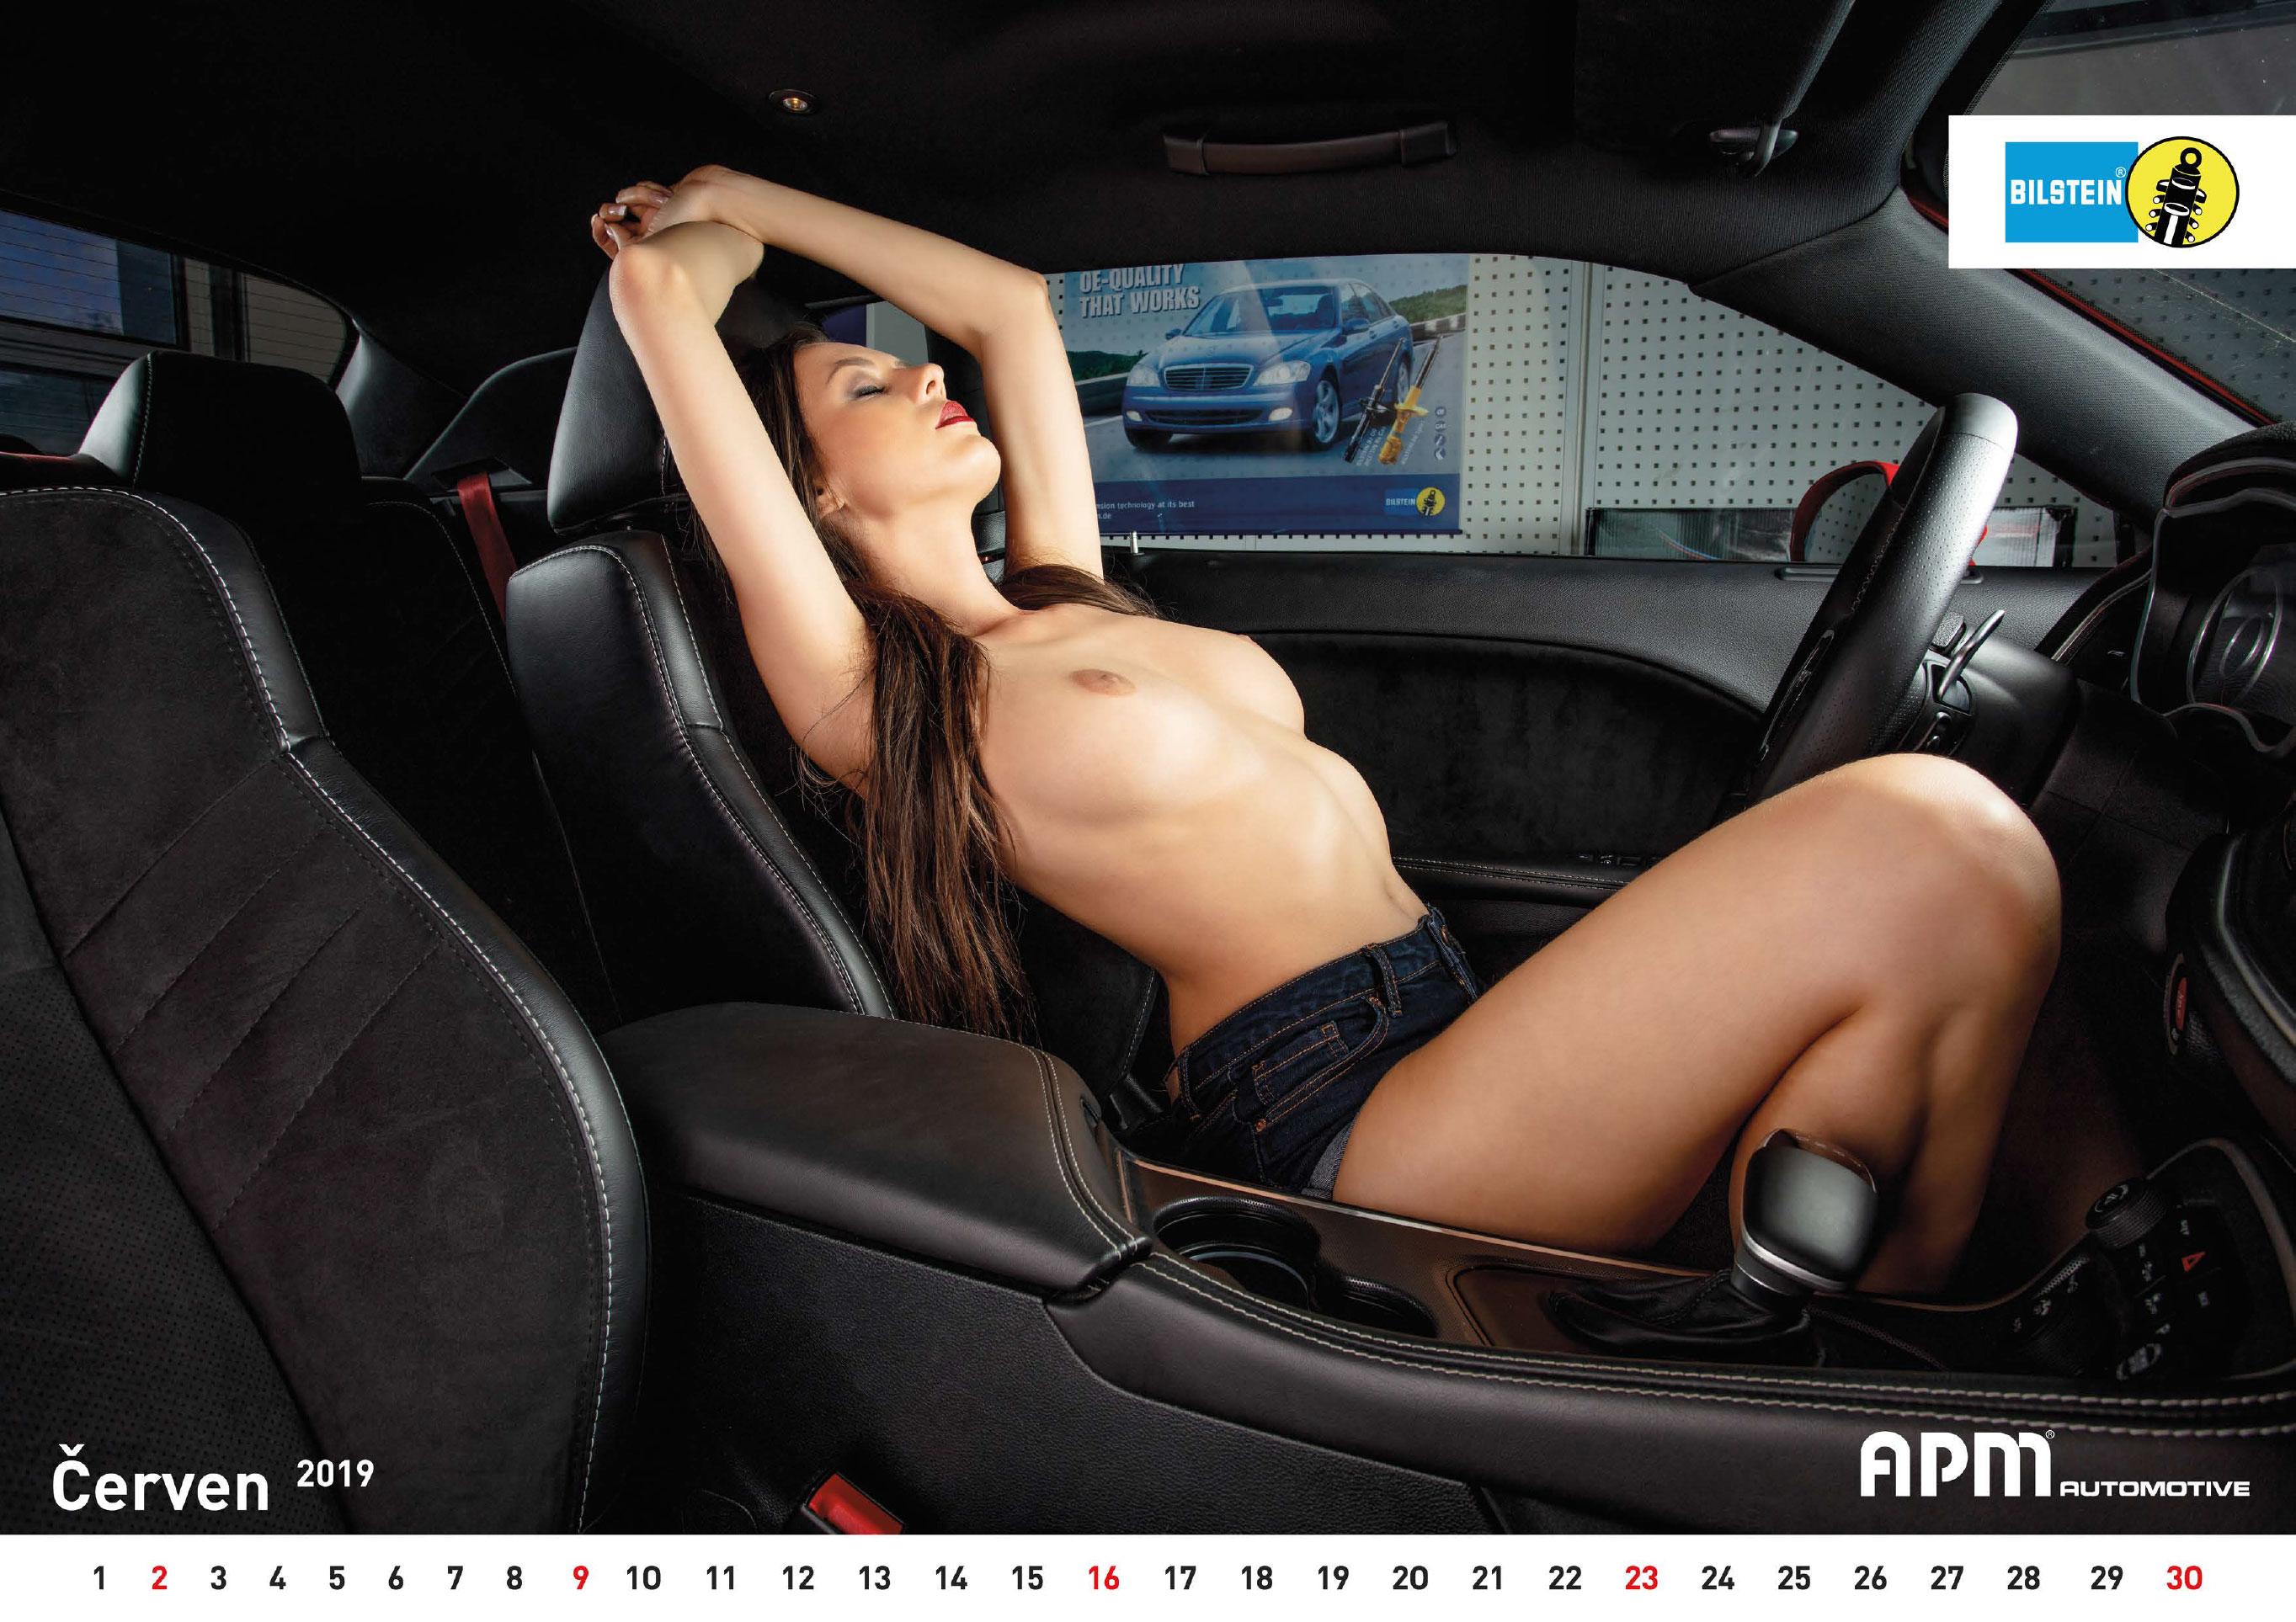 сексуальные девушки в эротическом календаре APM Automotive 2019